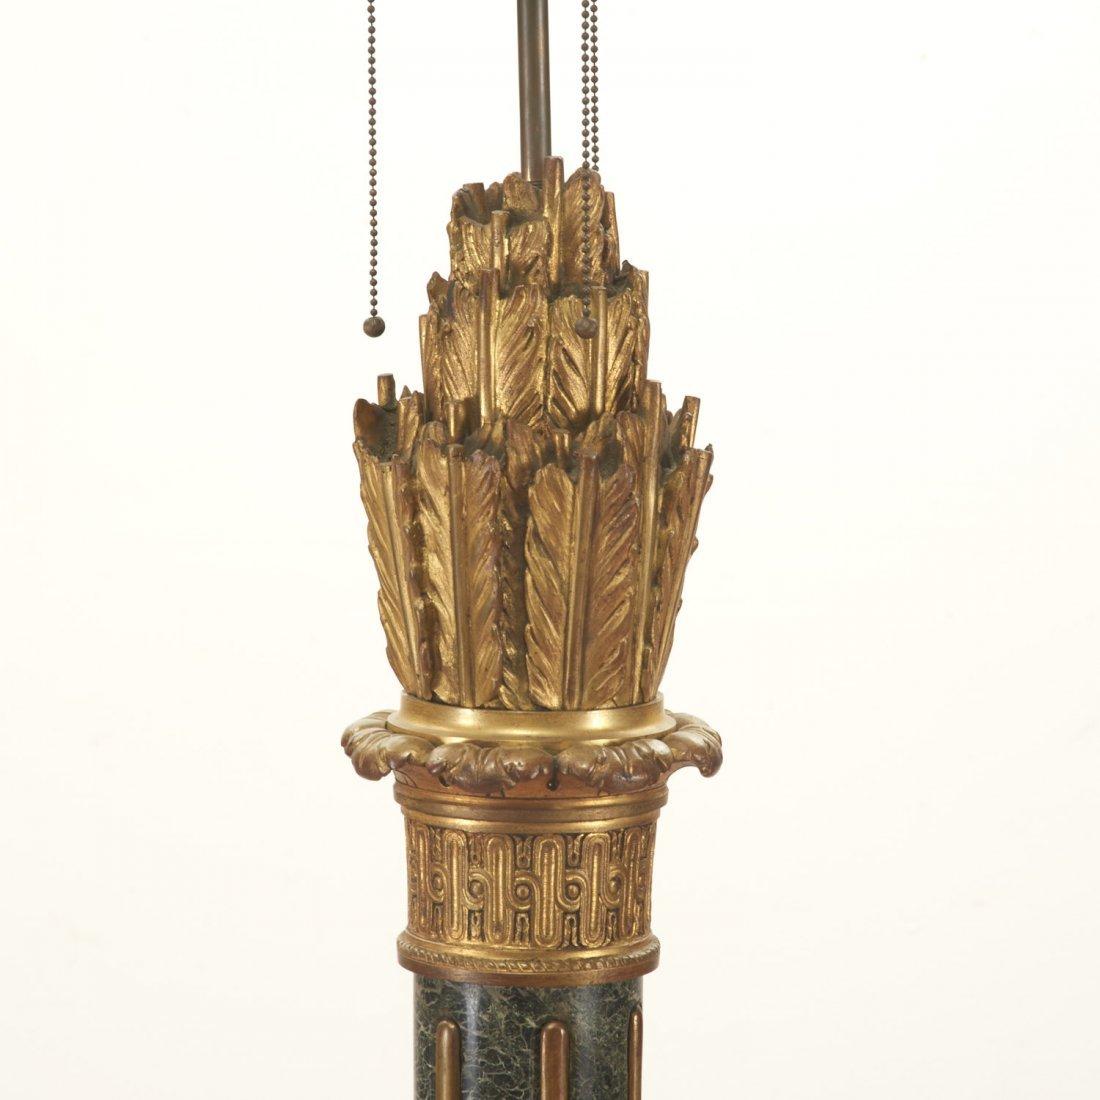 Napoleon III bronze, marble fasces floor lamp - 2